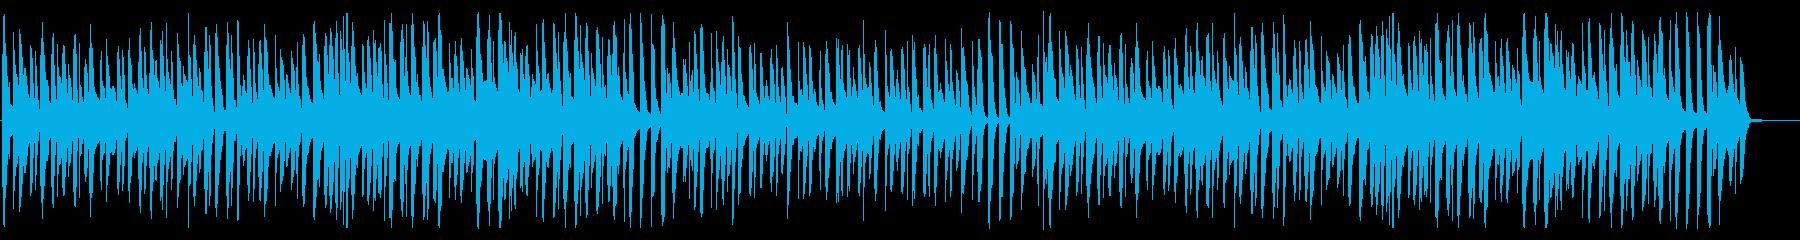 ほのぼのポップ ハーモニカ カジュアル の再生済みの波形